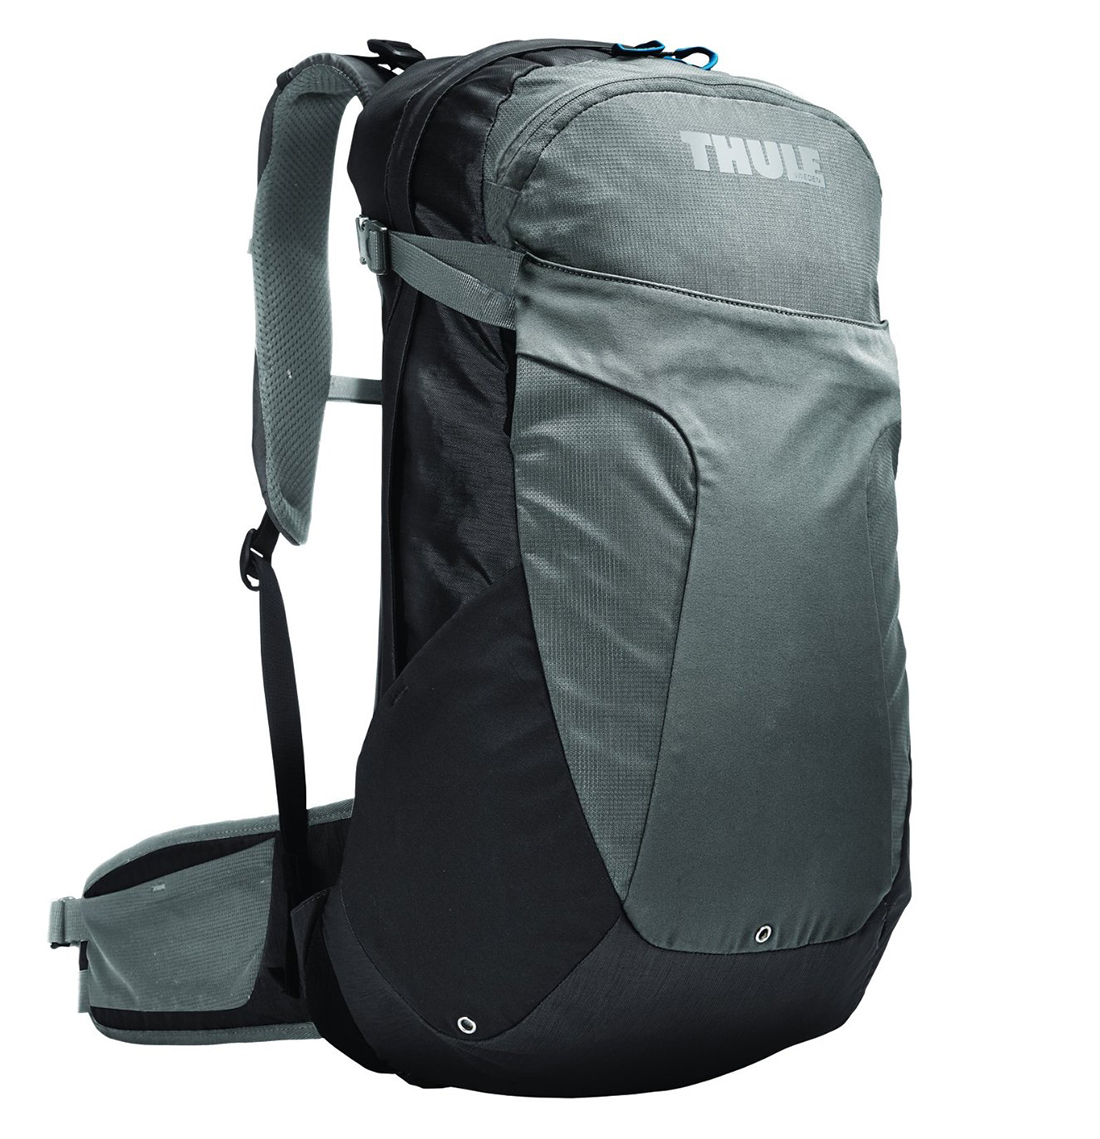 CapstoneСпортивные рюкзаки<br>Спортивный рюкзак<br>